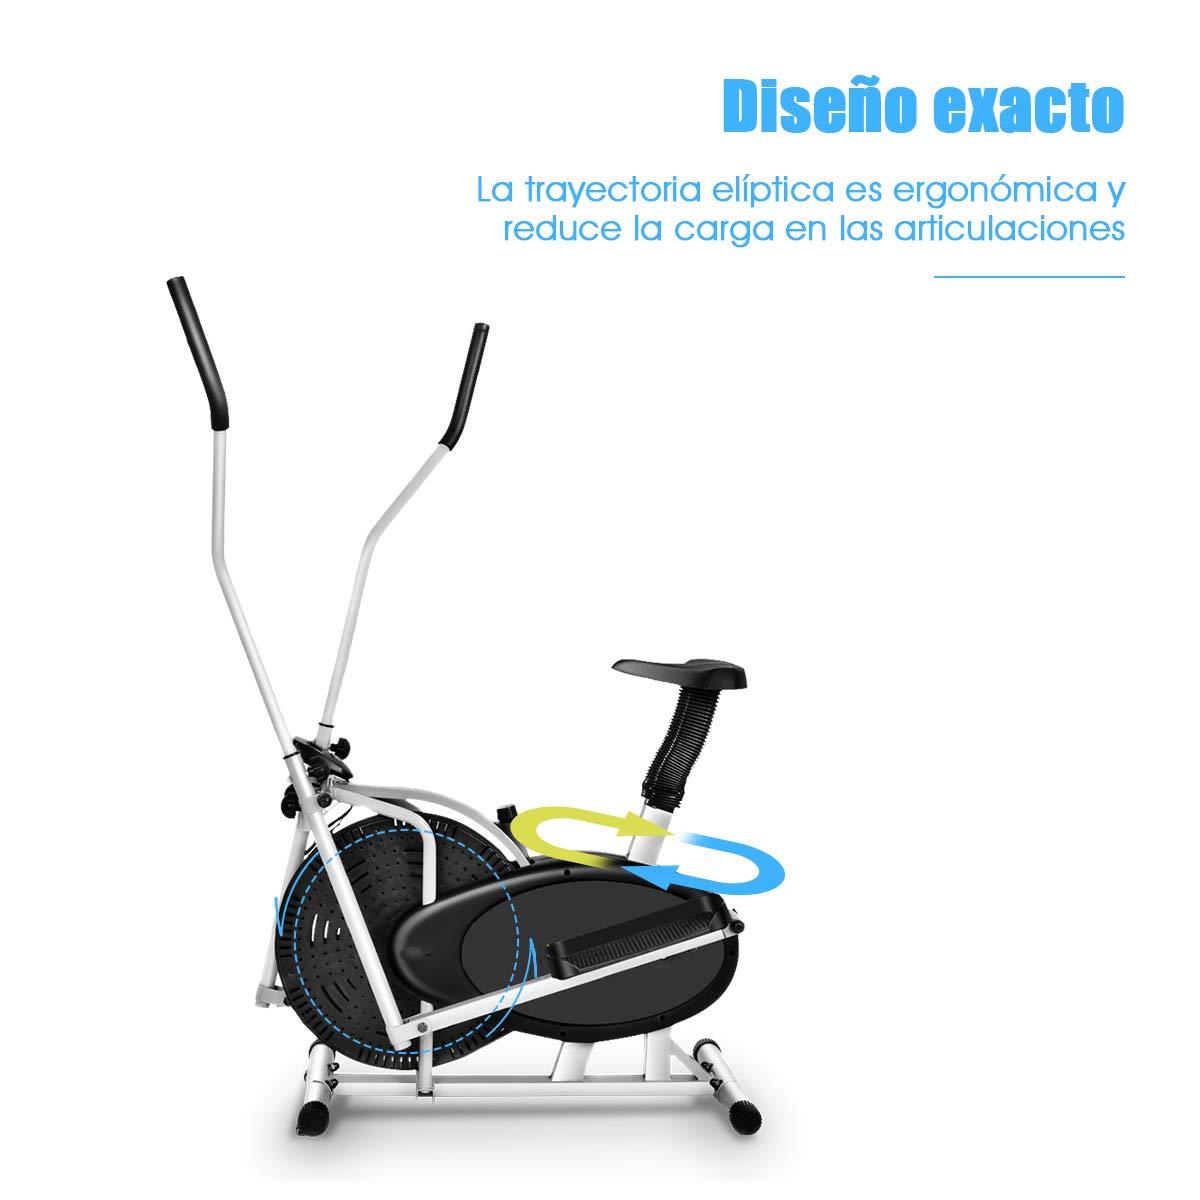 COSTWAY Bicicleta Elíptica Altura Ajustable con Consola Regulador ...